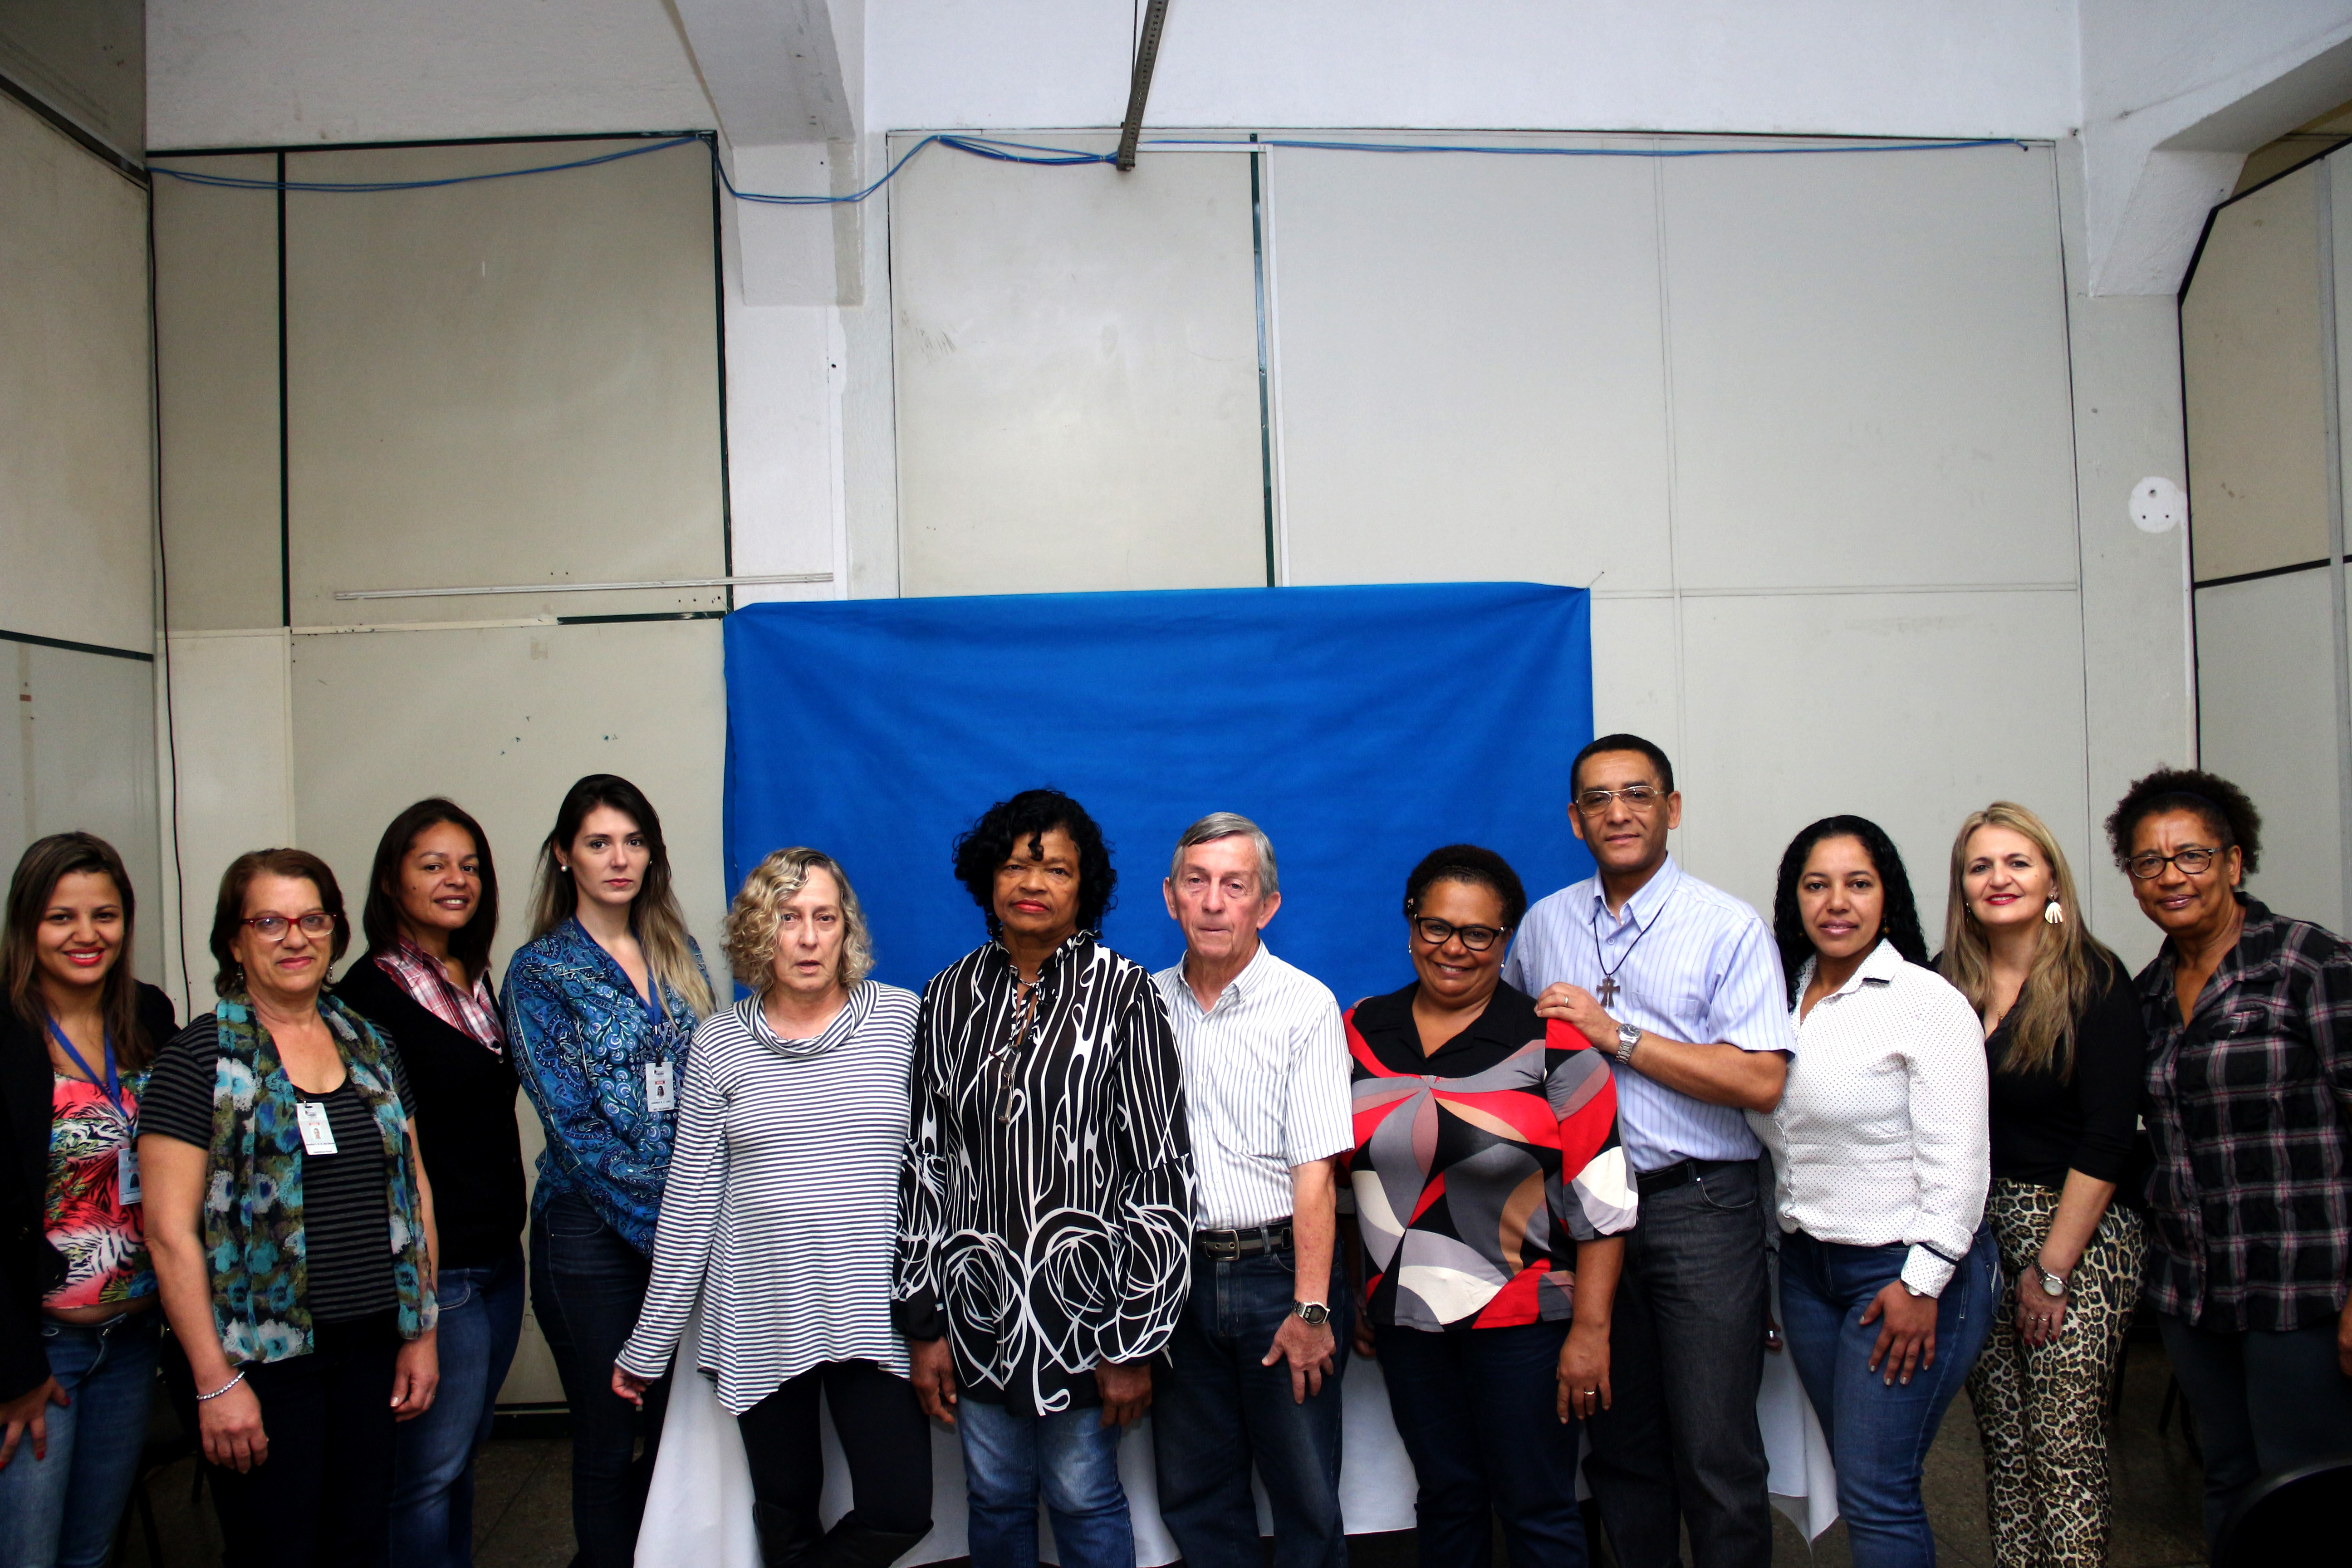 foto_01_-_conselhos_ligados_a_assistencia_social_de_taboao_empossam_novos_membros.jpg